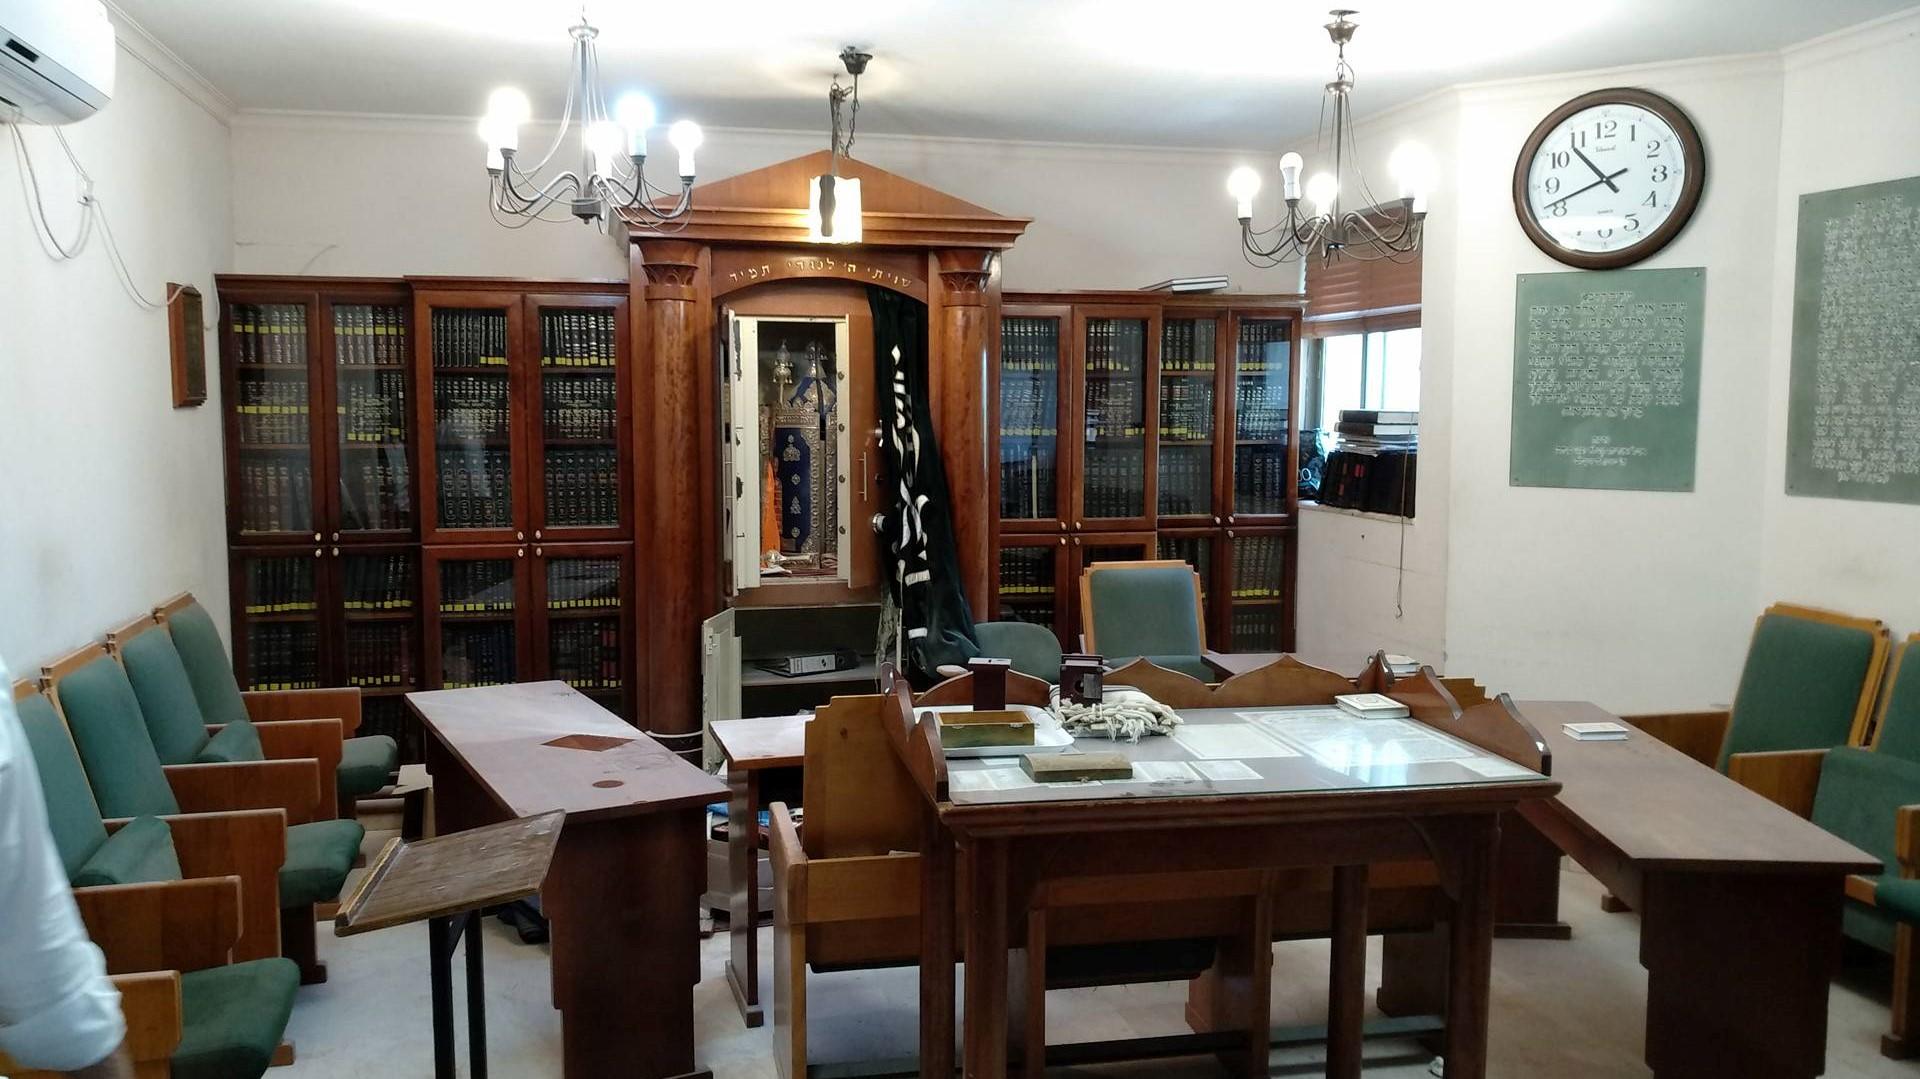 פשע שנאה: הושחתו ספרי קודש בבית כנסת בשכונת רמות בירושלים